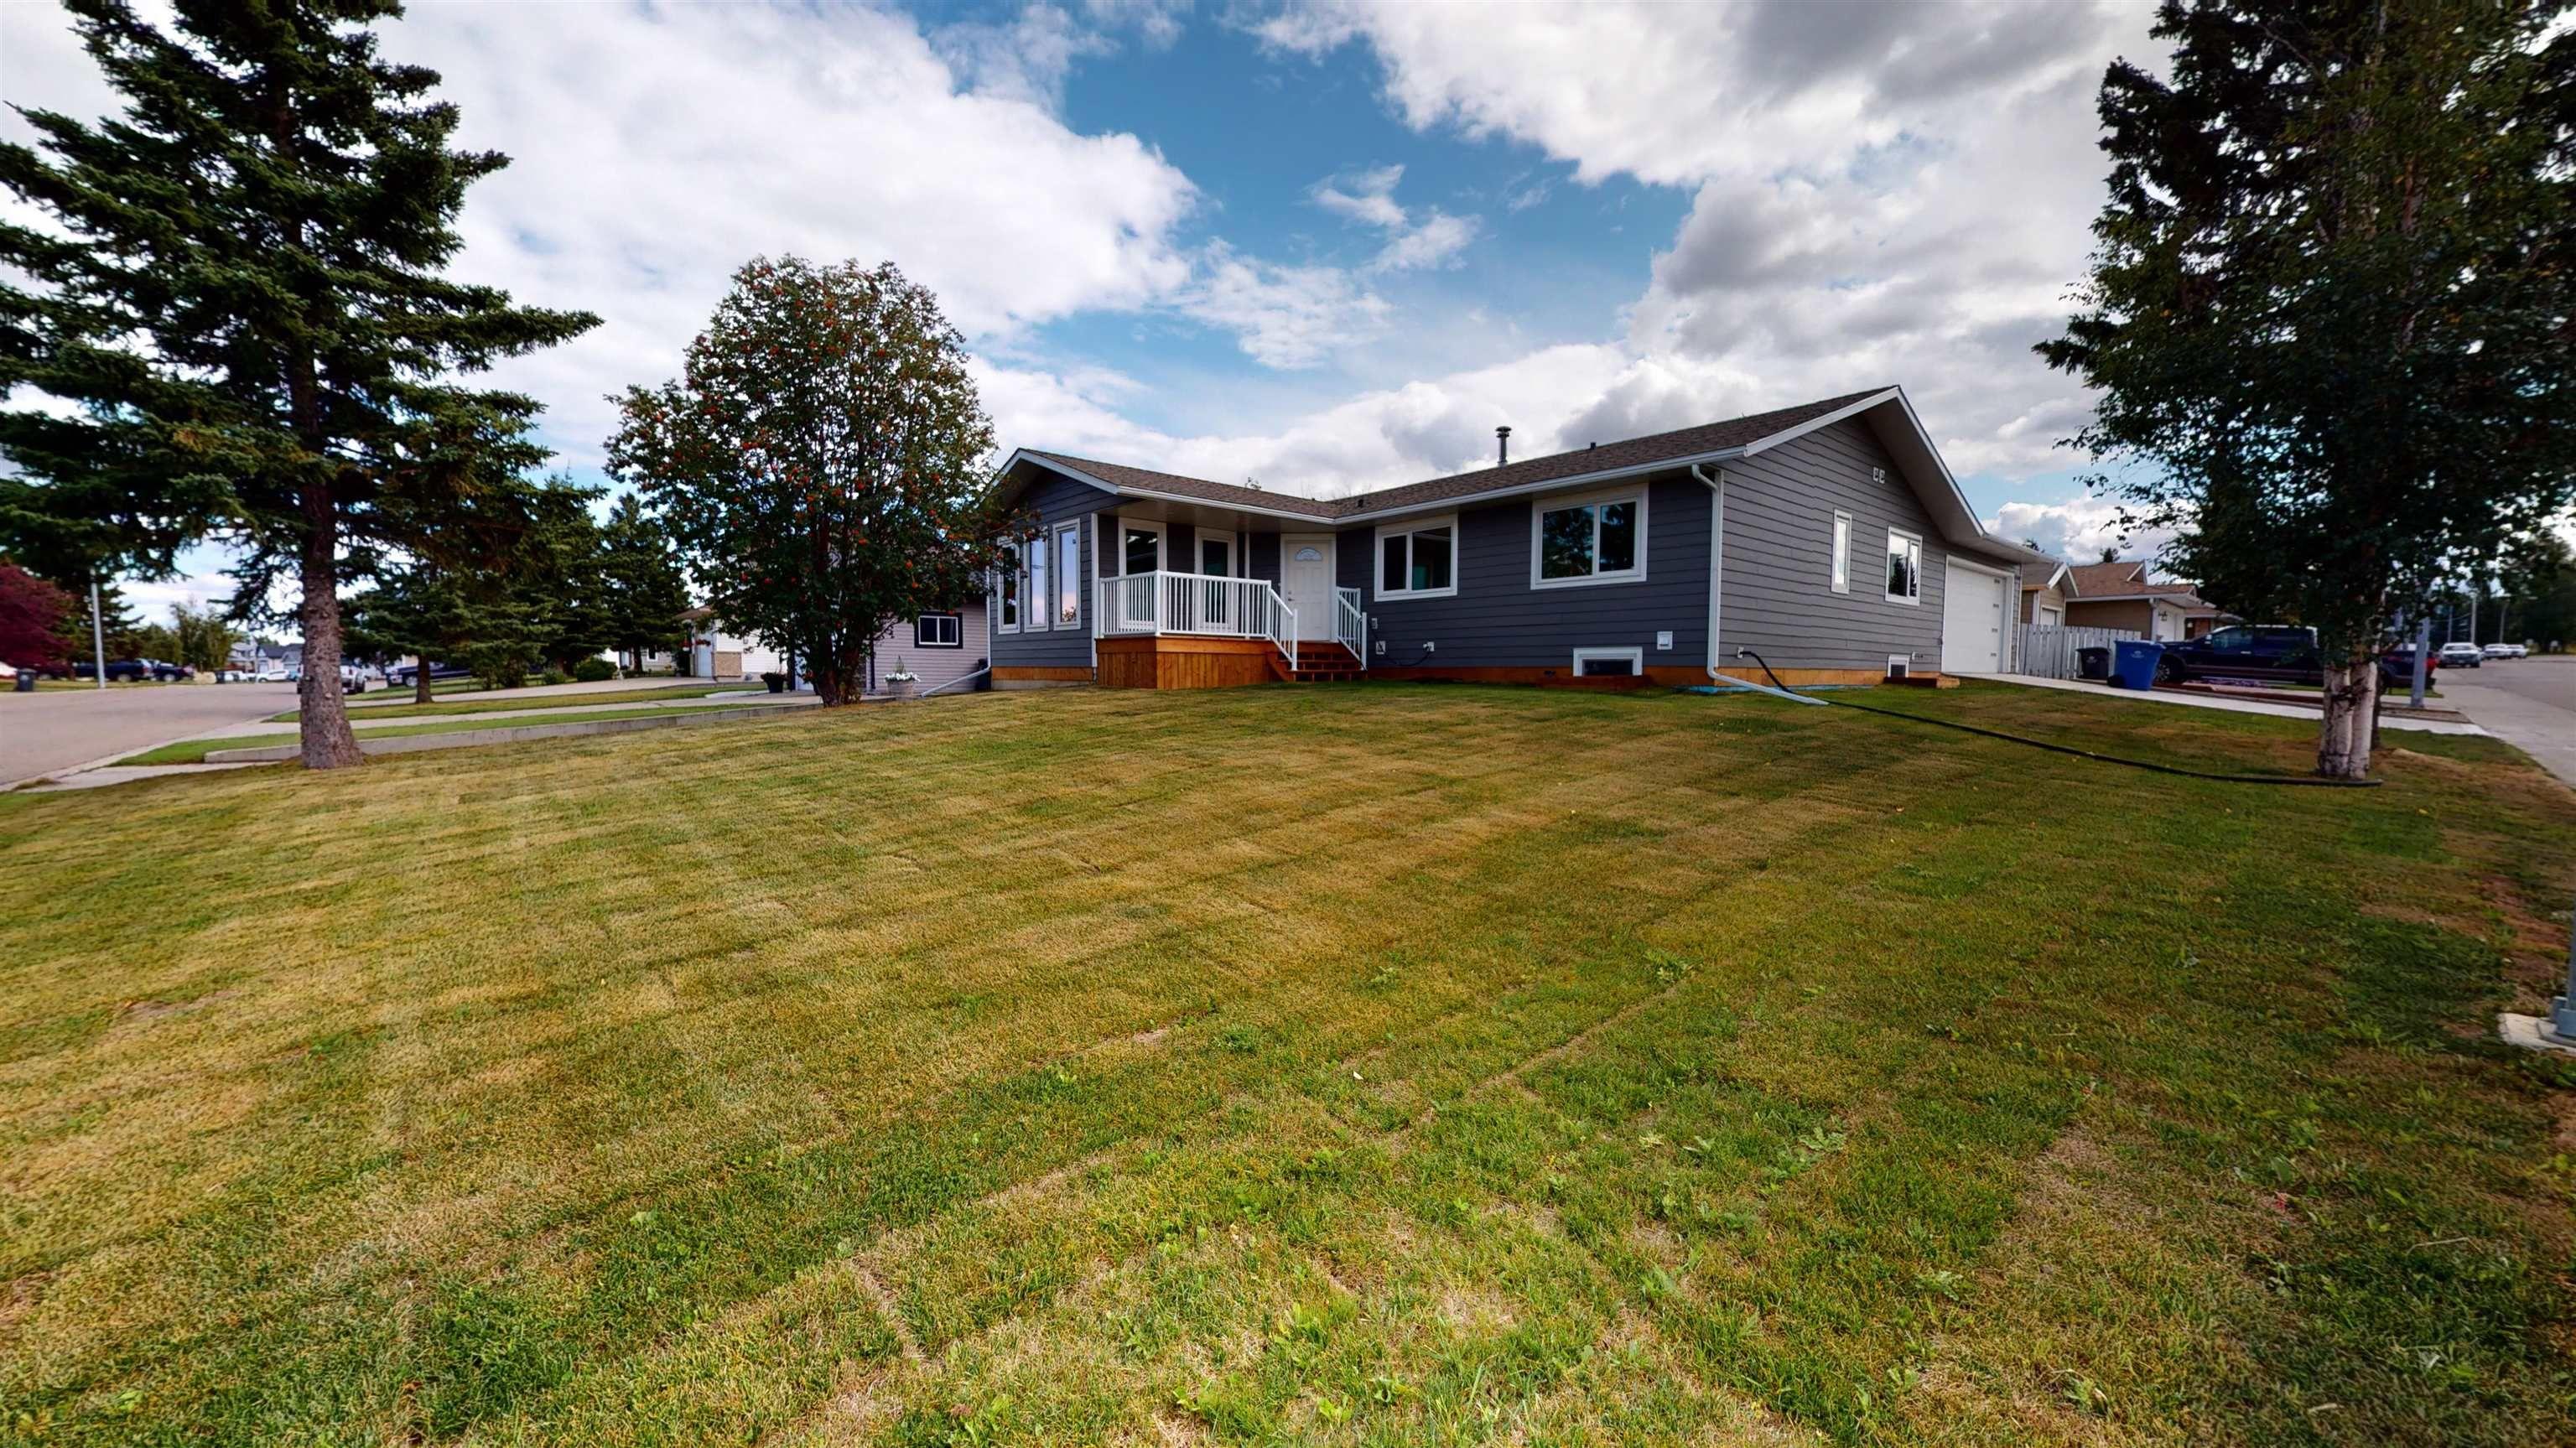 Main Photo: 10519 114 Avenue in Fort St. John: Fort St. John - City NW House for sale (Fort St. John (Zone 60))  : MLS®# R2611135